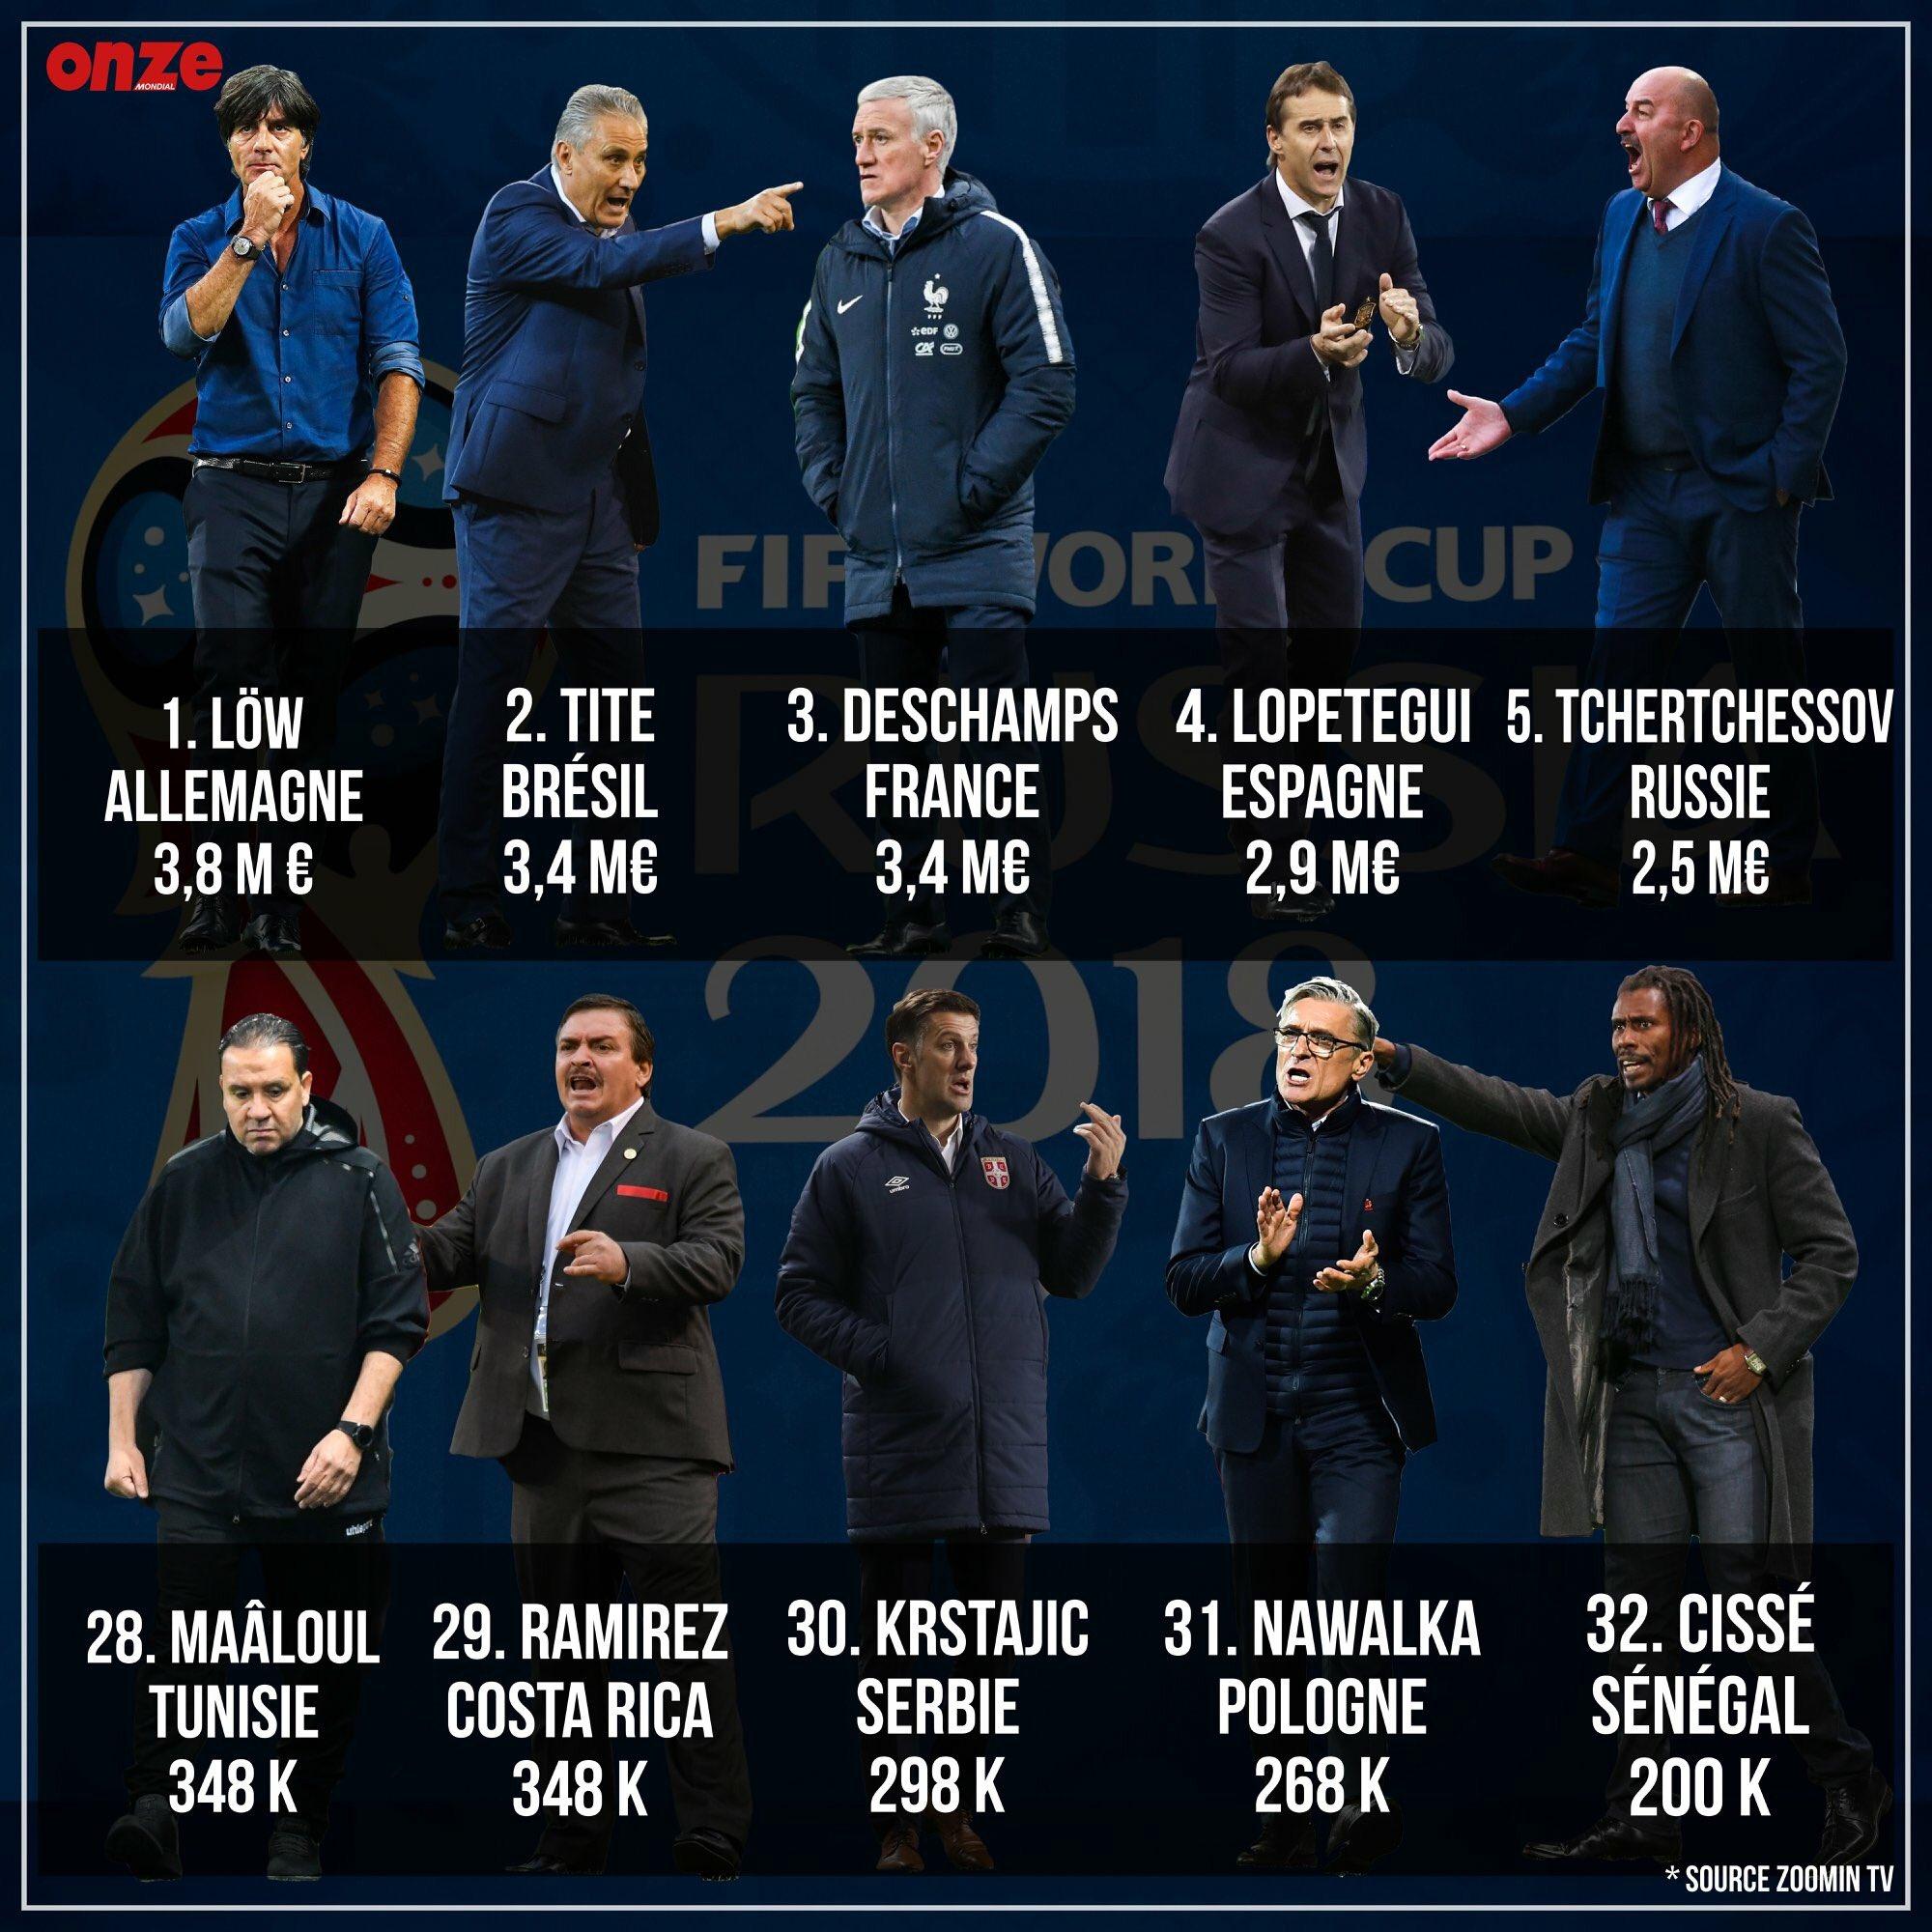 المدربون الأكثر والأقل أجراً في مونديال روسيا